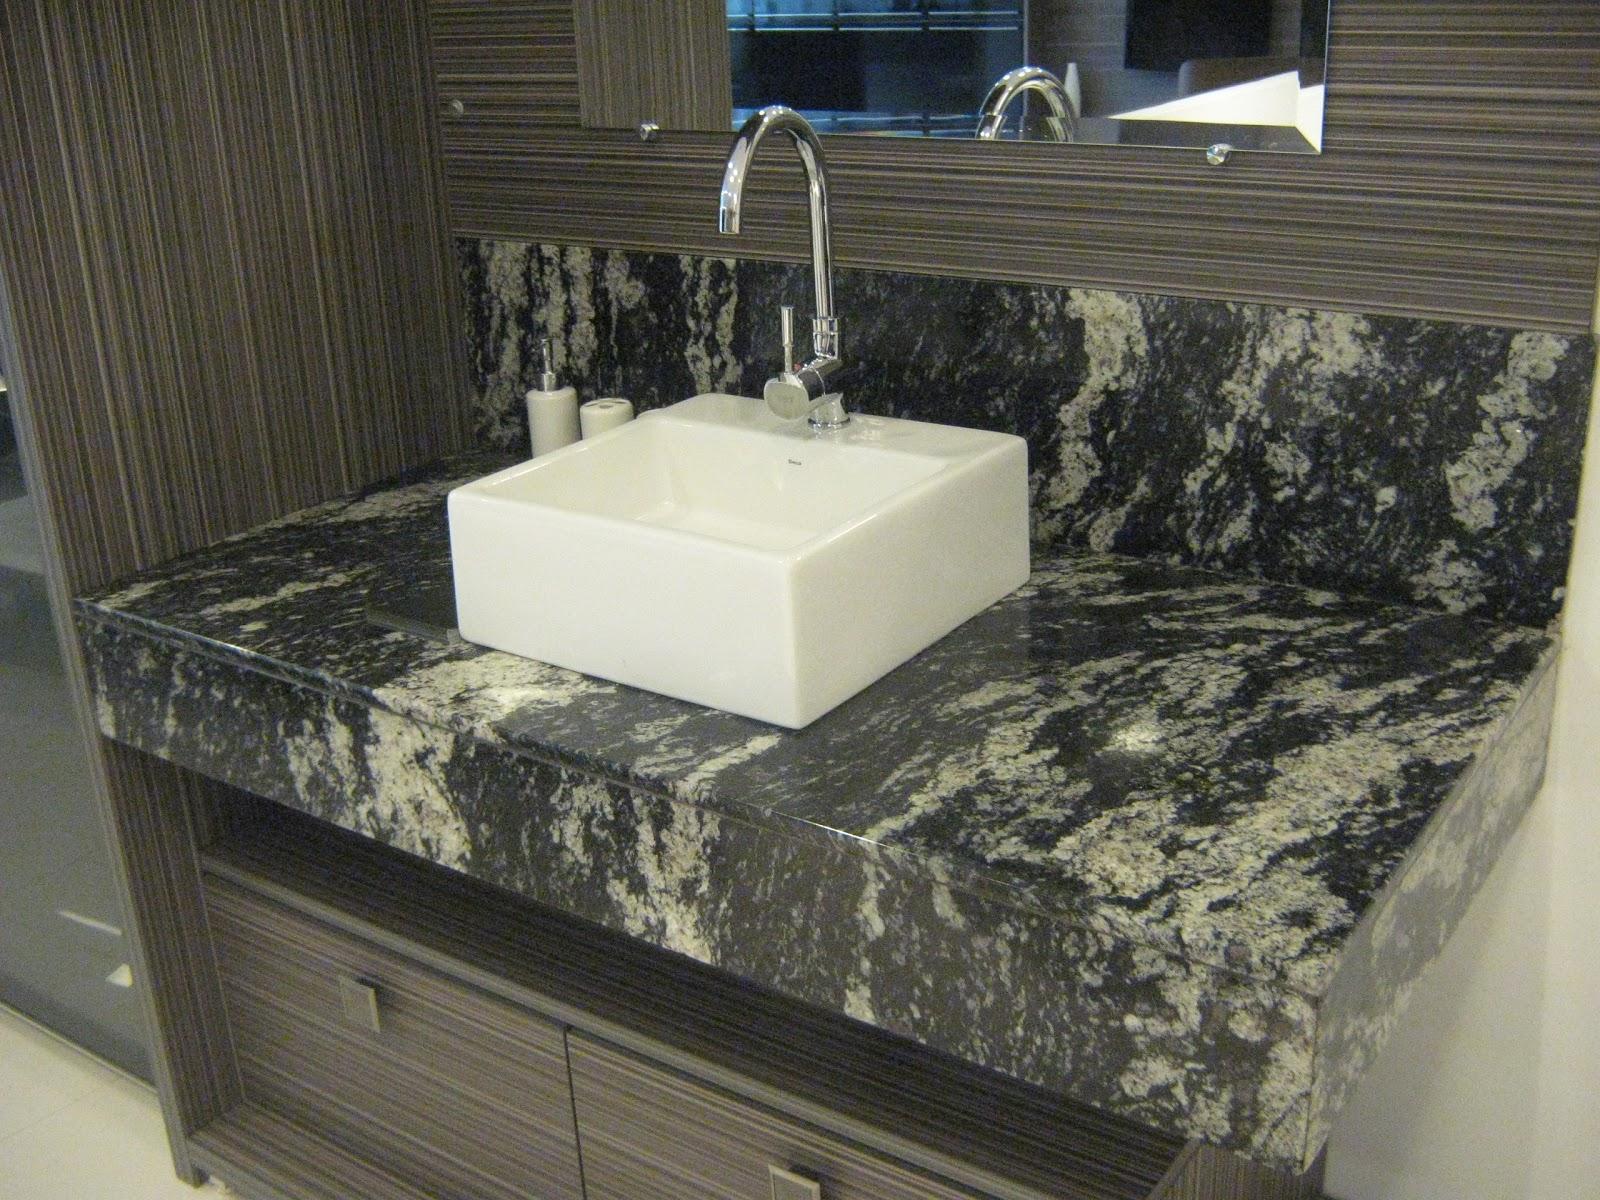 Pias de banheiro Granito Preto Indiano Marmoraria MPK #495F71 1600 1200